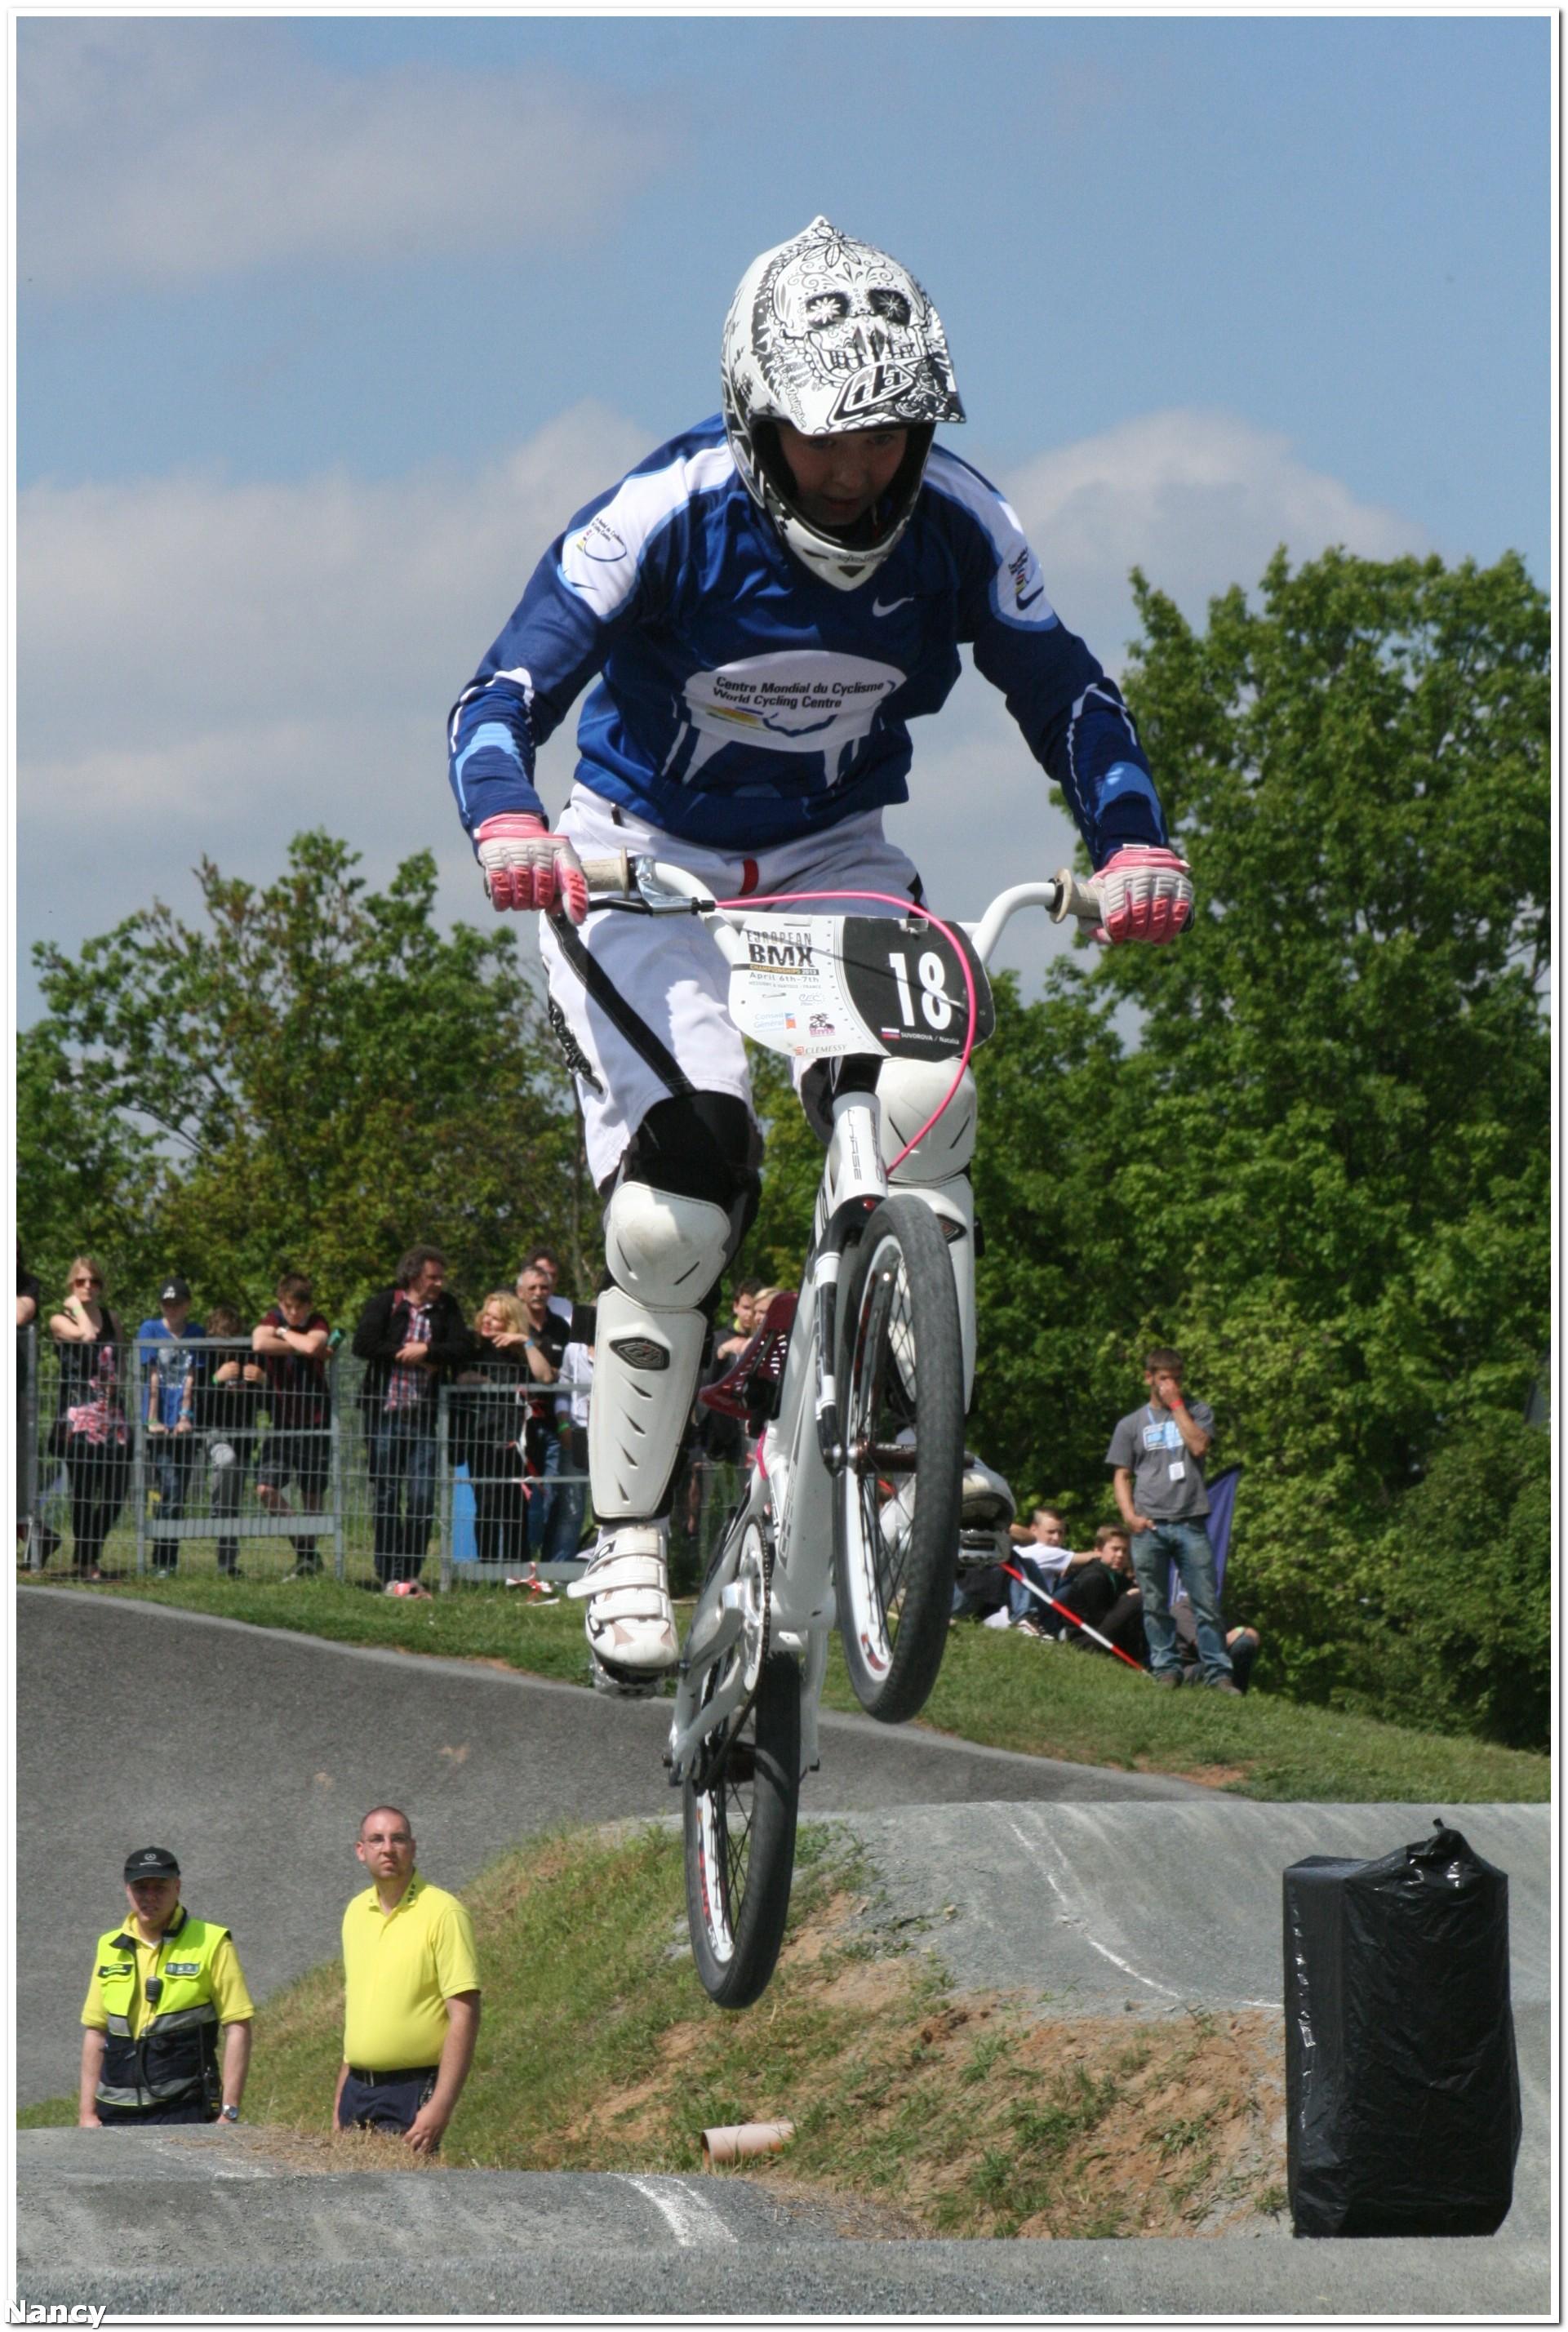 Brett Jacobs wint bij de Boys 14 in EK Ronde Weiterstadt